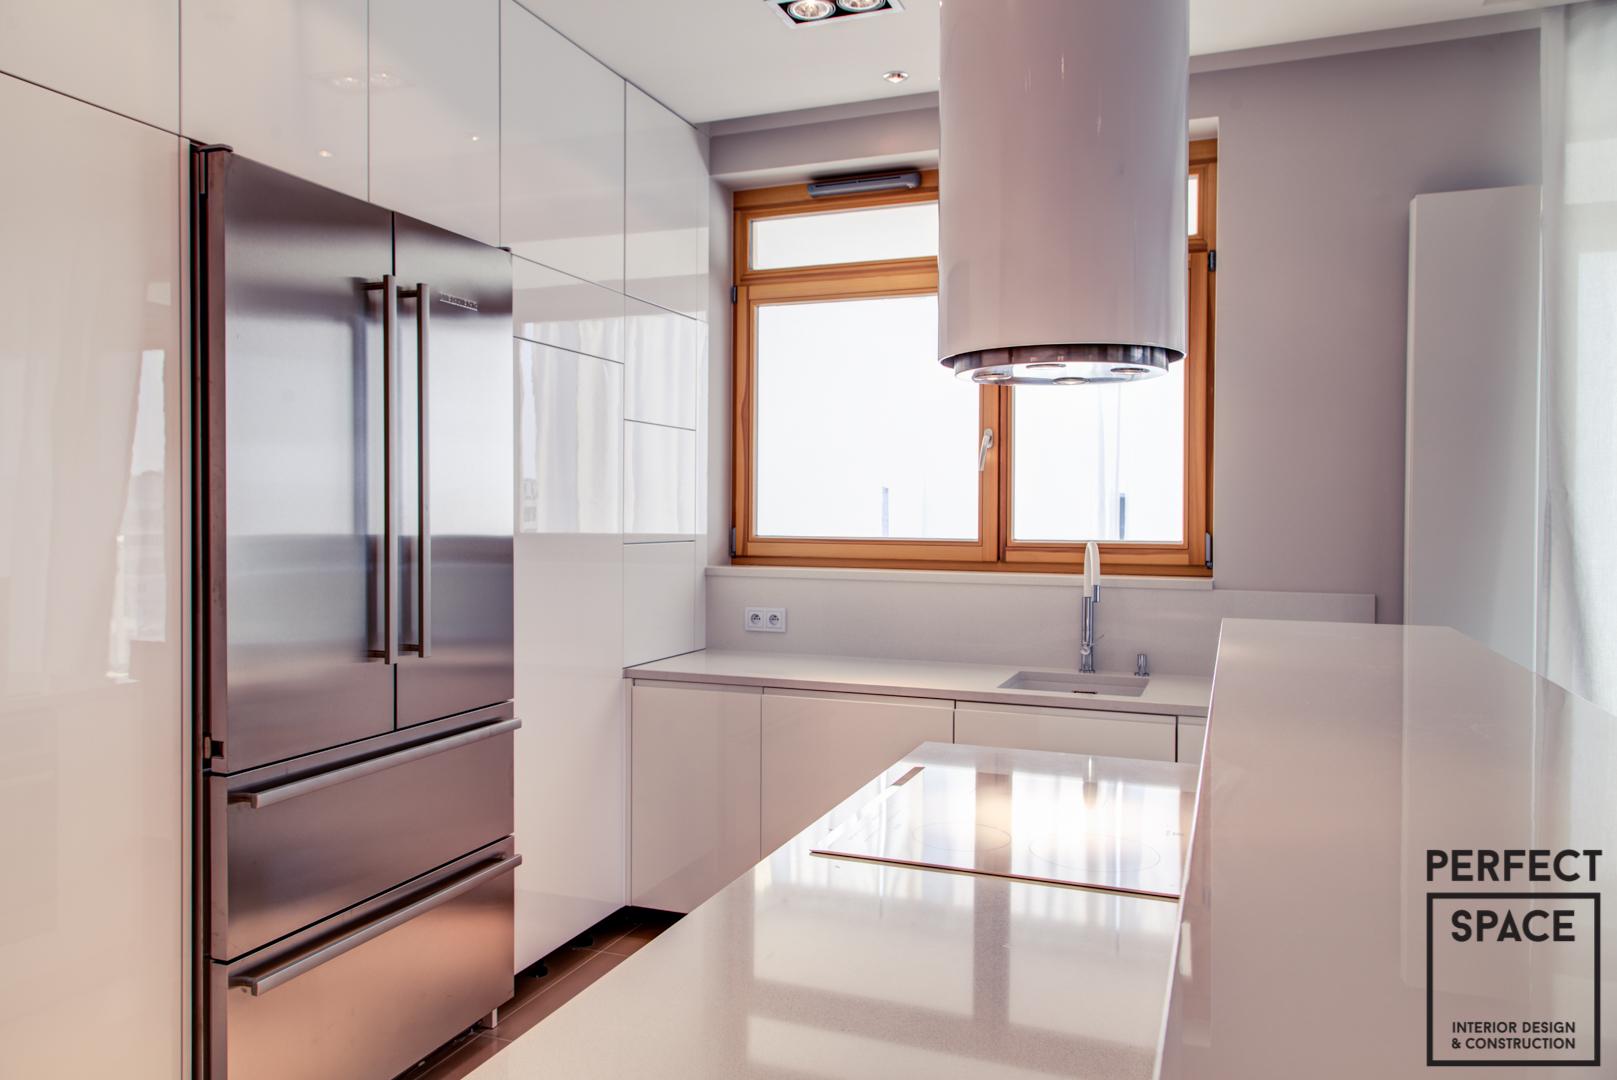 Urządzanie Wnętrza Kuchni Elementy Matowe Połyskujące A